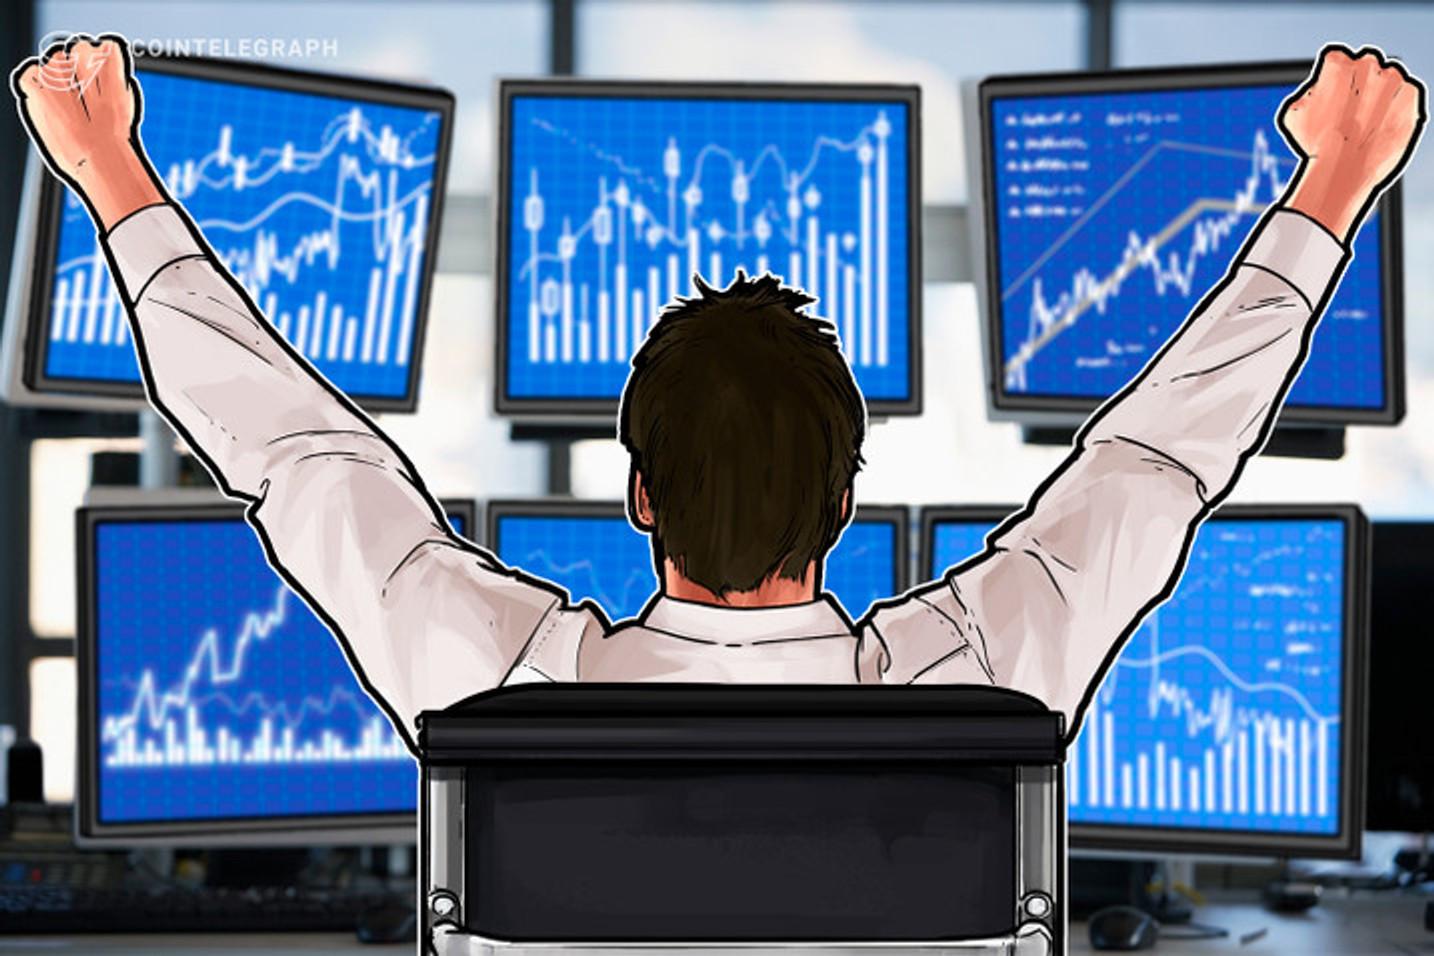 Mercado de criptomoedas vale mais que todas as ações da bolsa de valores do Brasil